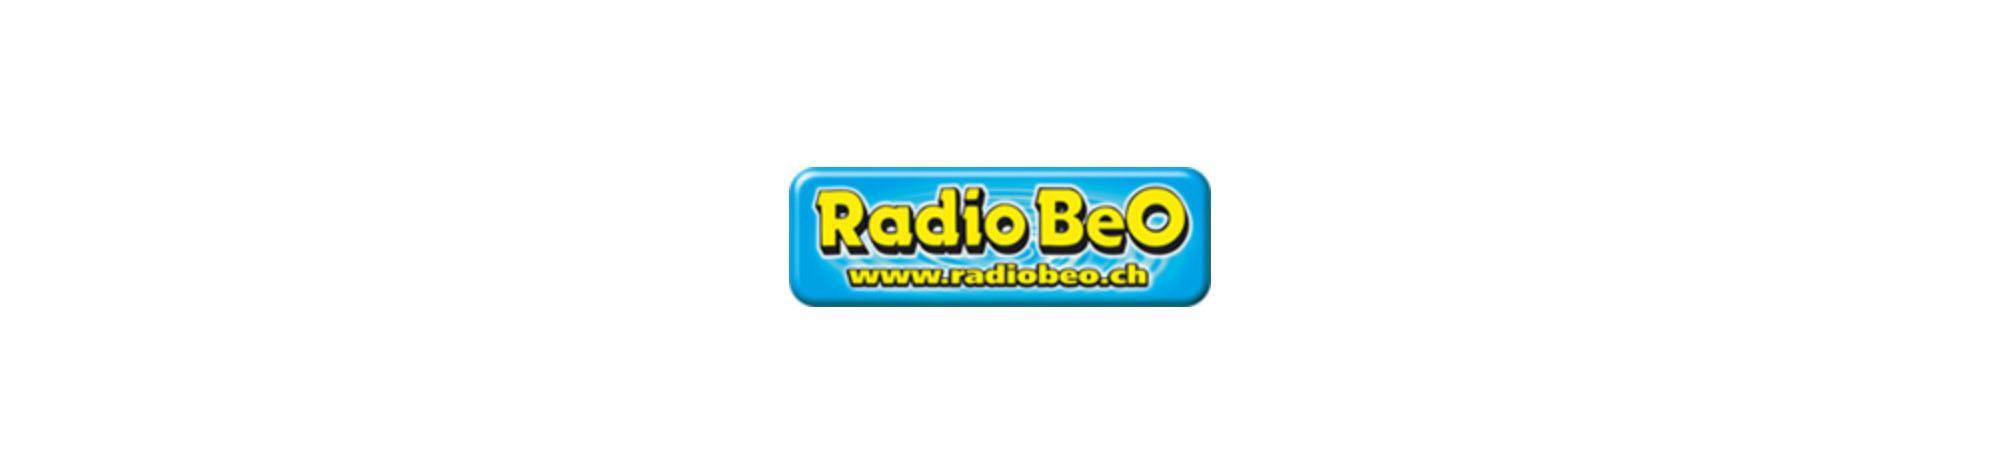 Schutzmasken von duvetsuisse.com im «Beo THEMA» von Radio BeO vom 24.4.2020